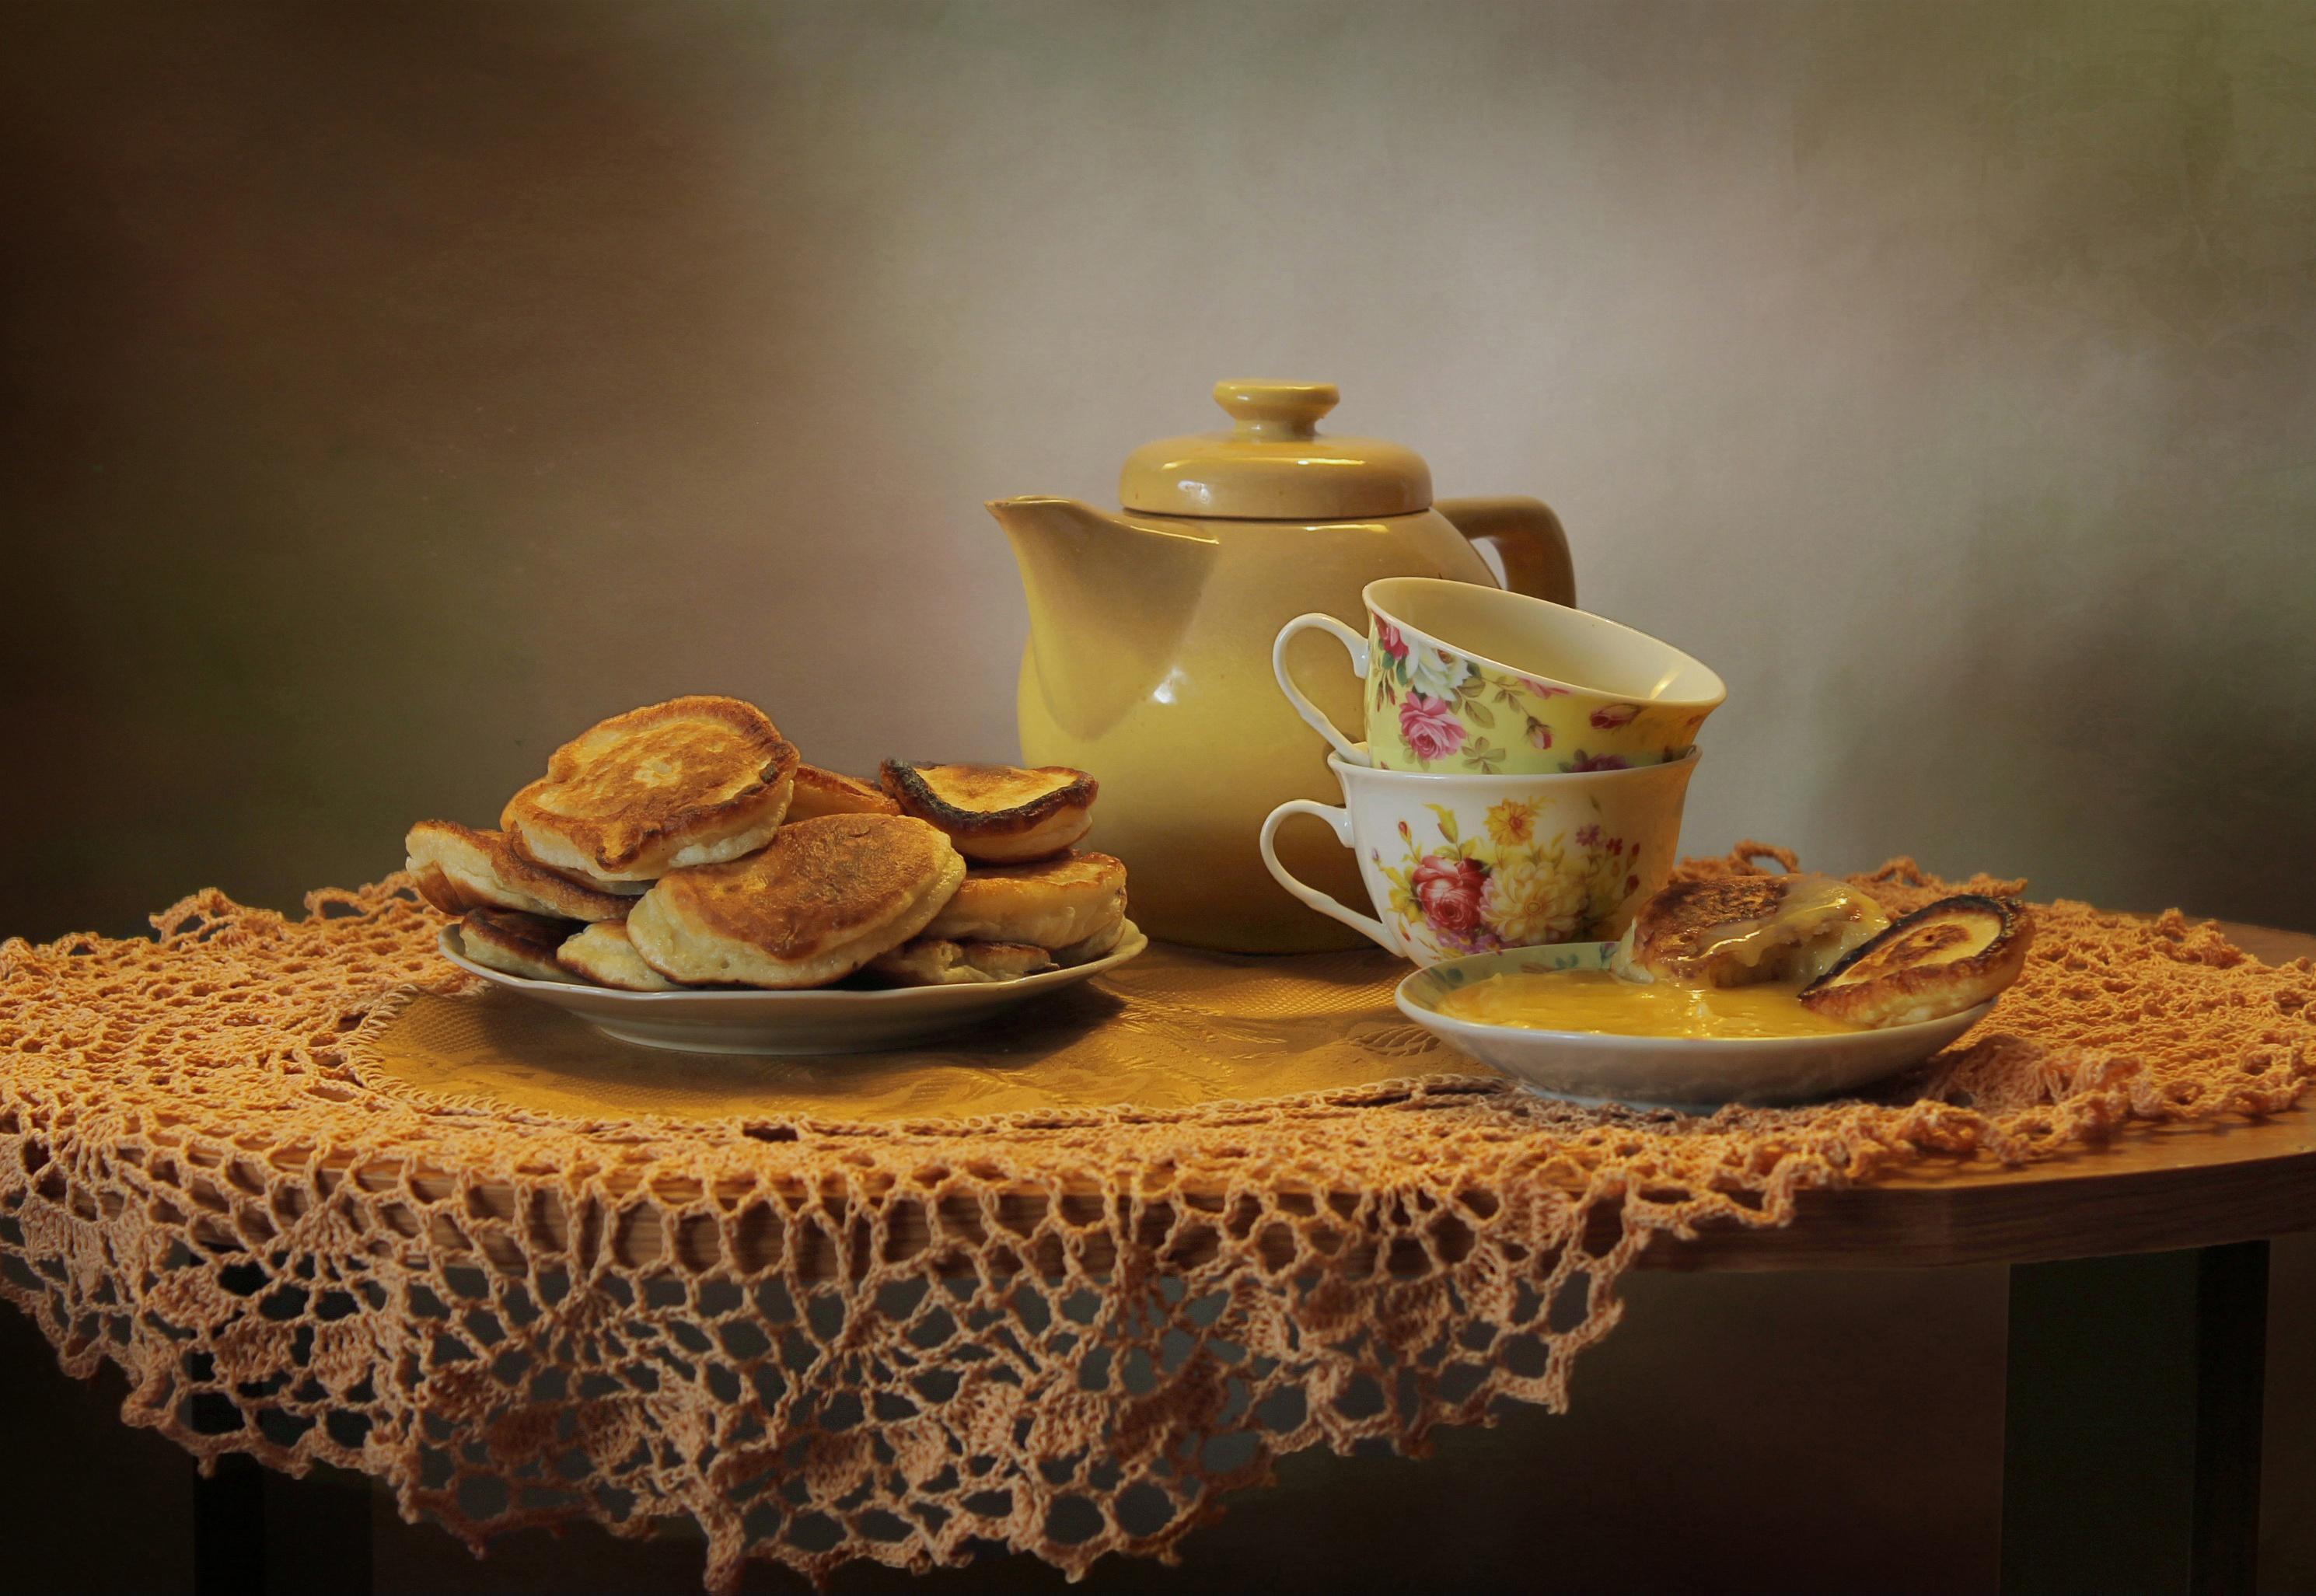 собрали чай с оладьями картинки какие них, могла